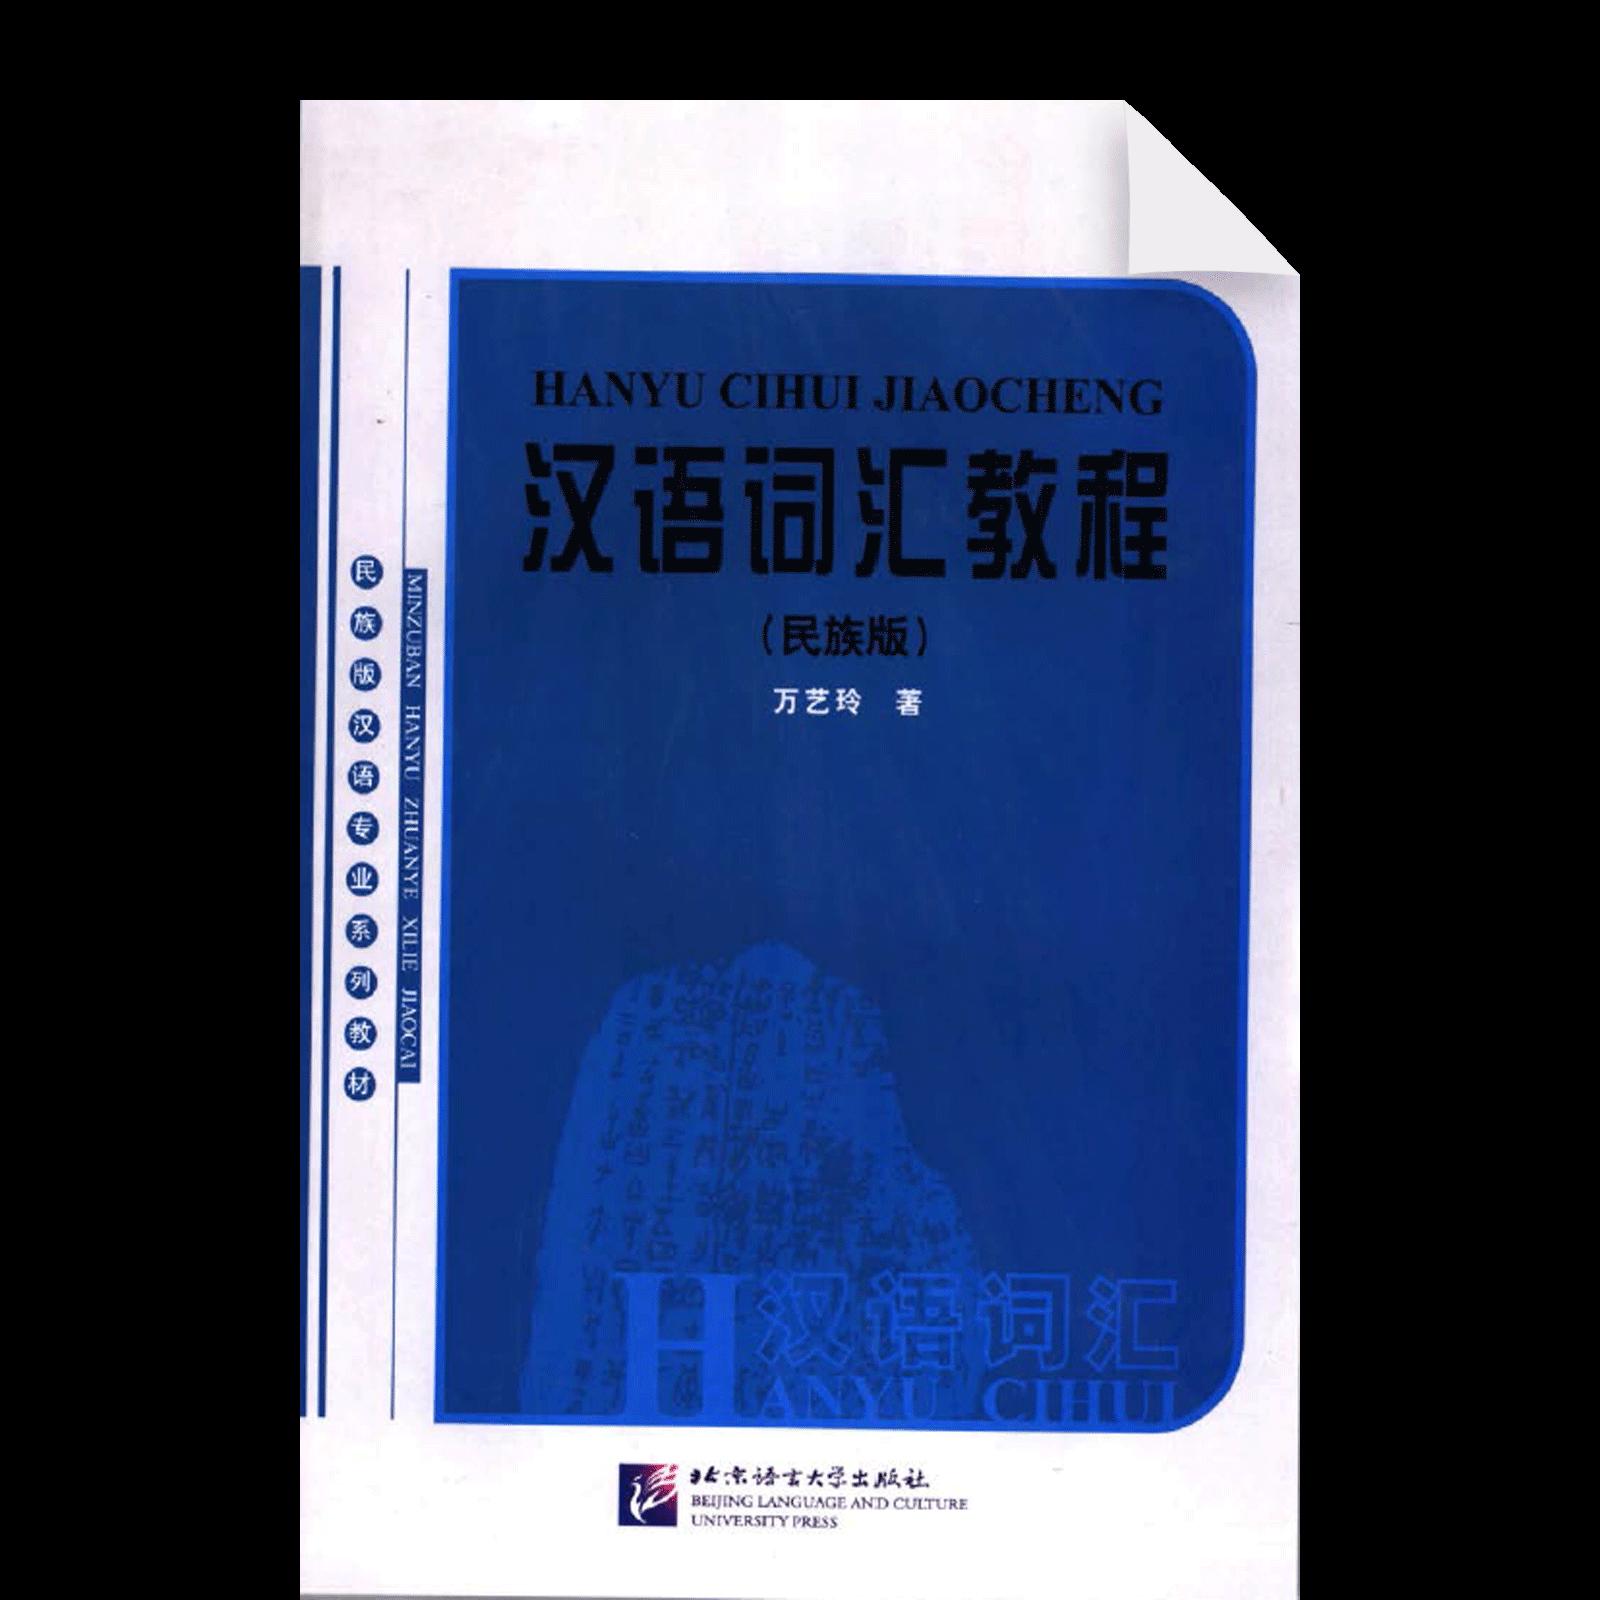 Hanyu Cihui Jiaocheng Minzuban